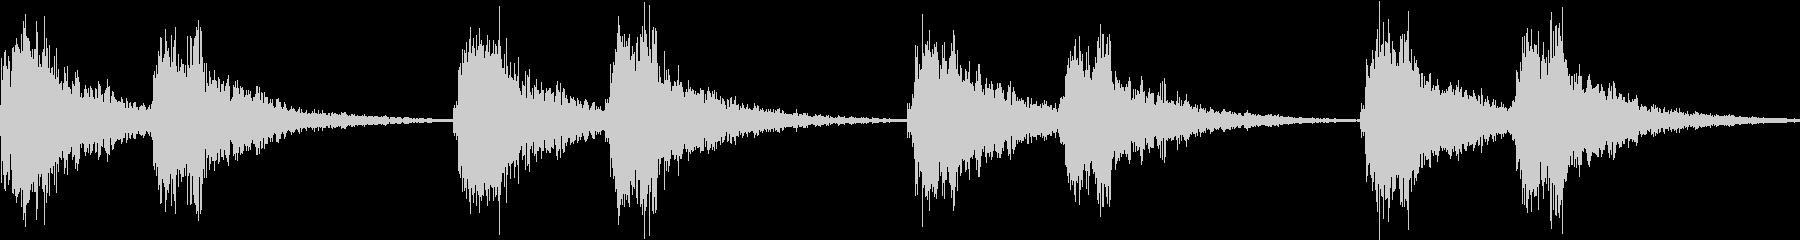 アラーム 時報 警告 着信  ループの未再生の波形